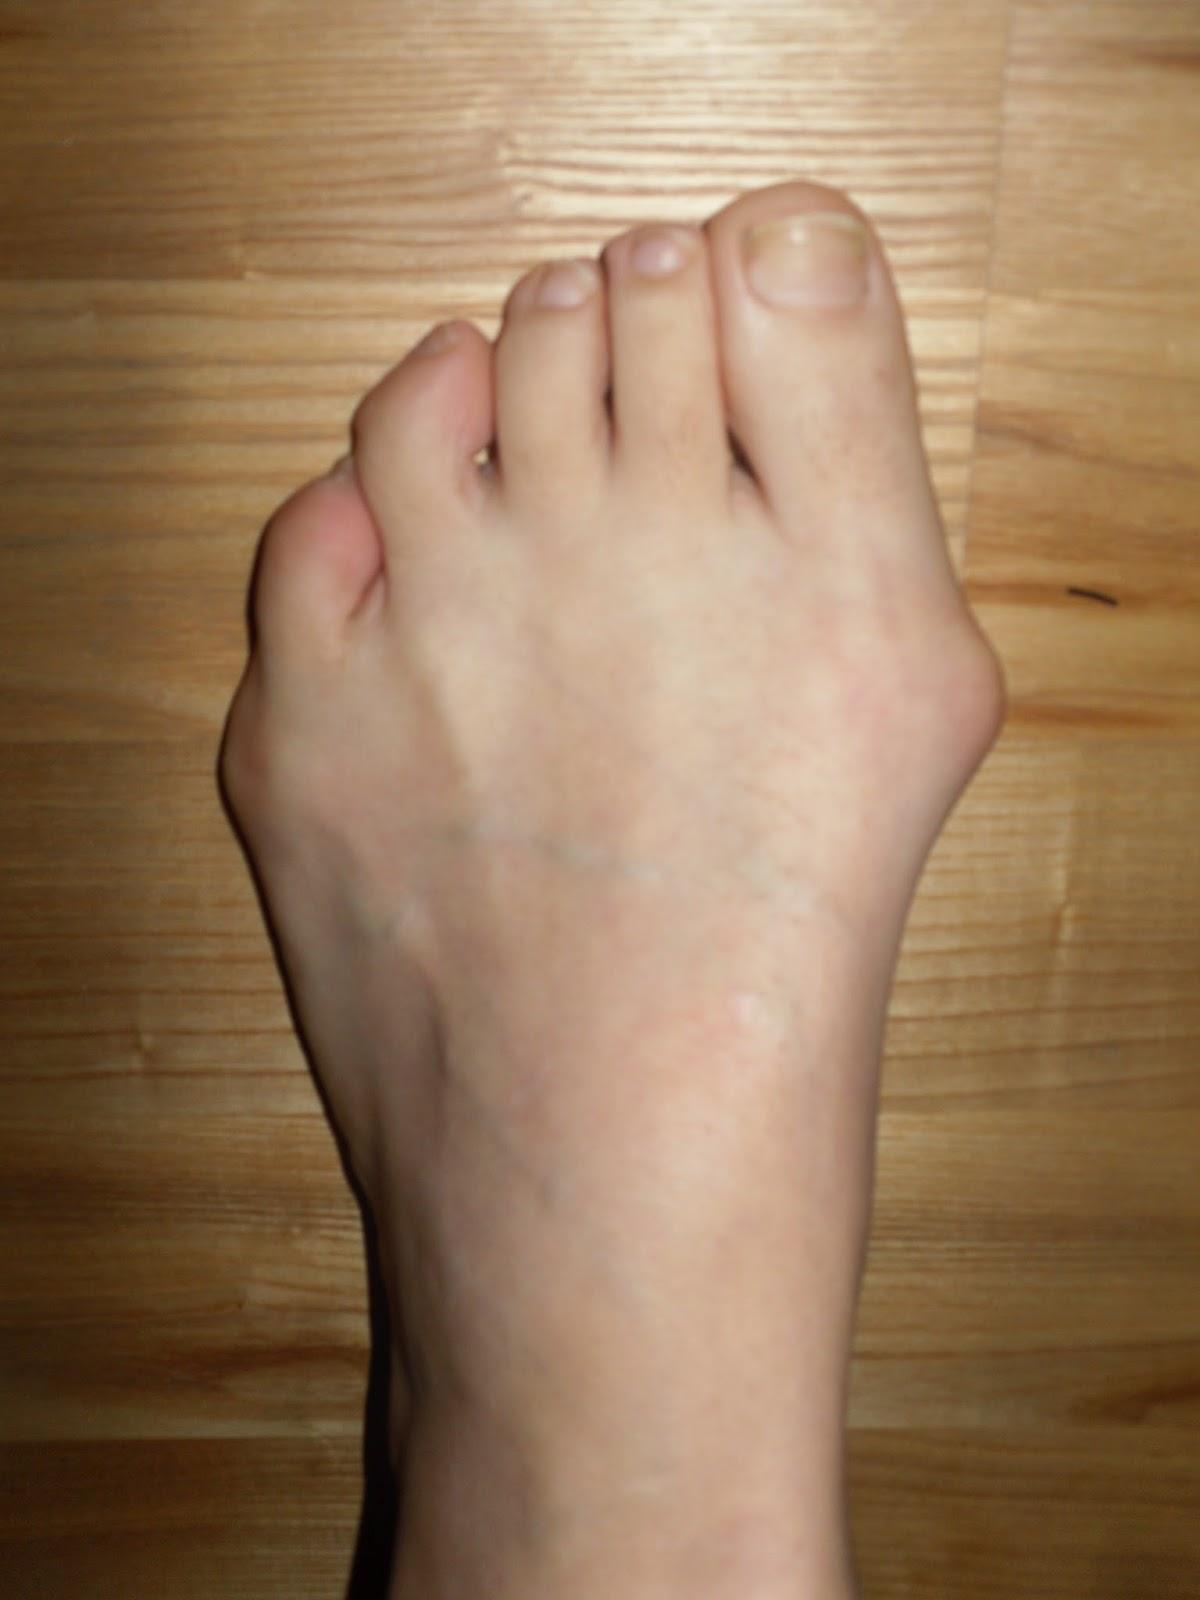 breda fötter operation